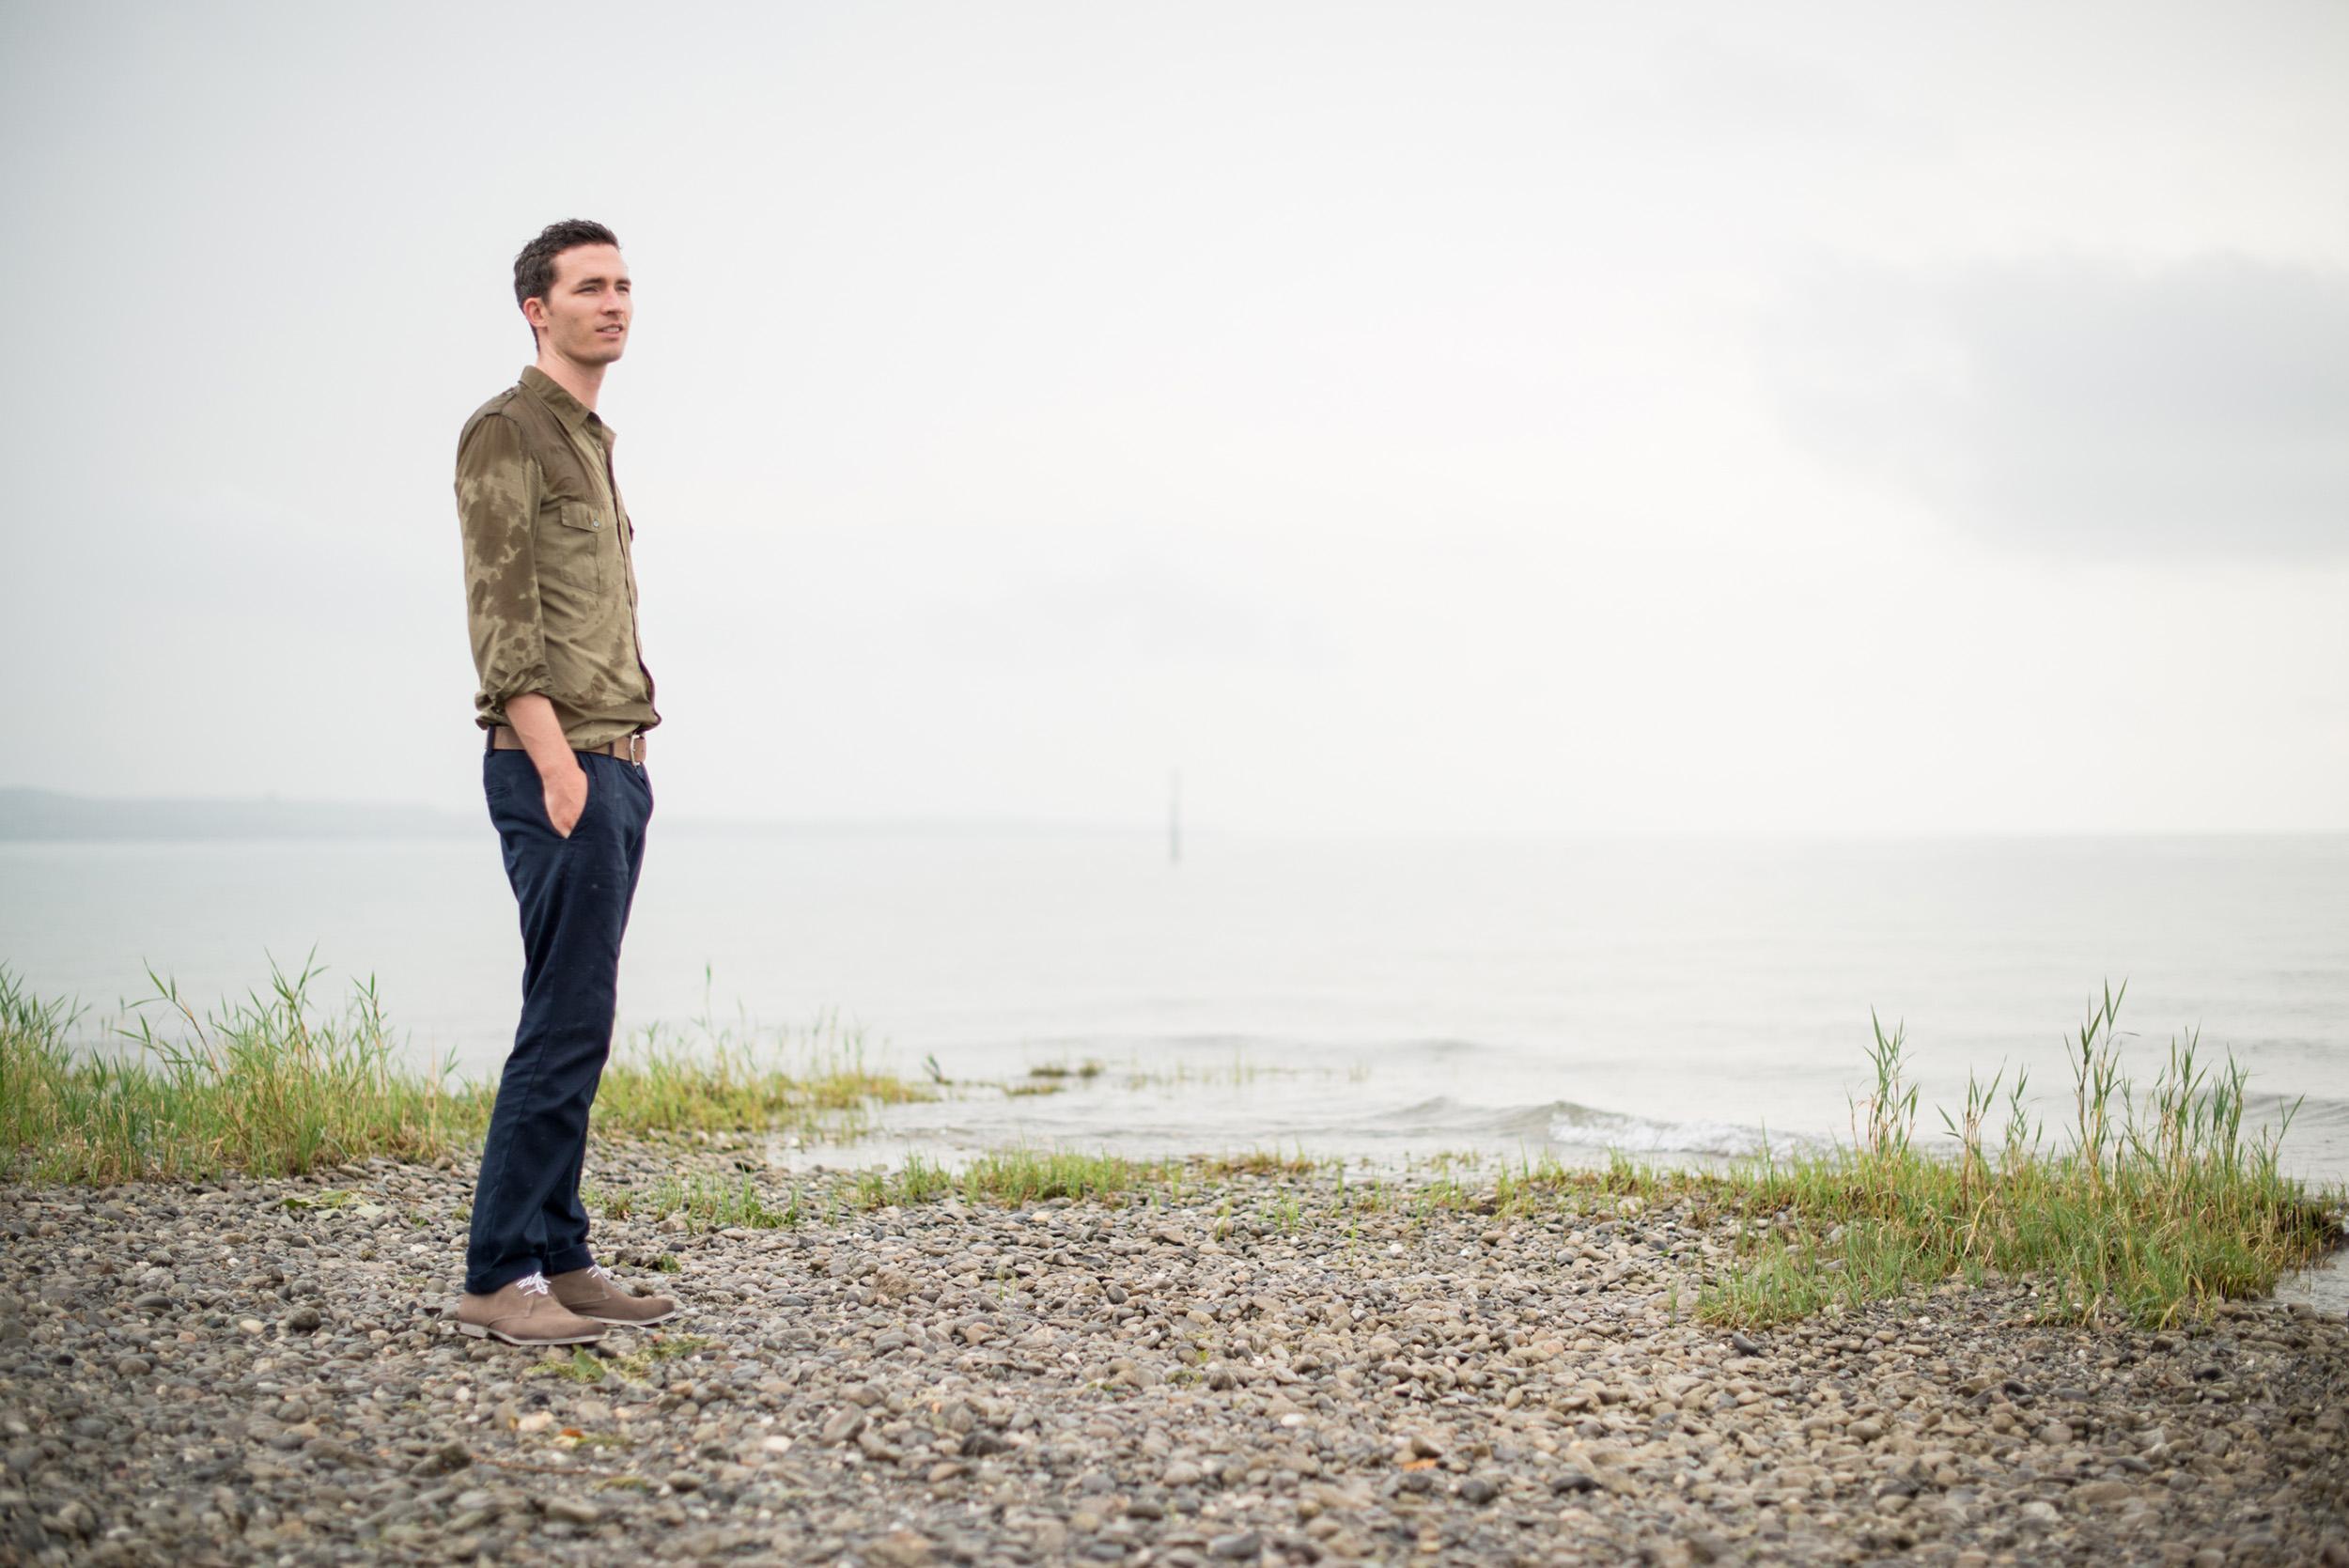 Fotograf Konstanz - DSC 1408 kl - Portrait Shooting mit Carsten am Hörnle bei Konstanz  - 19 -